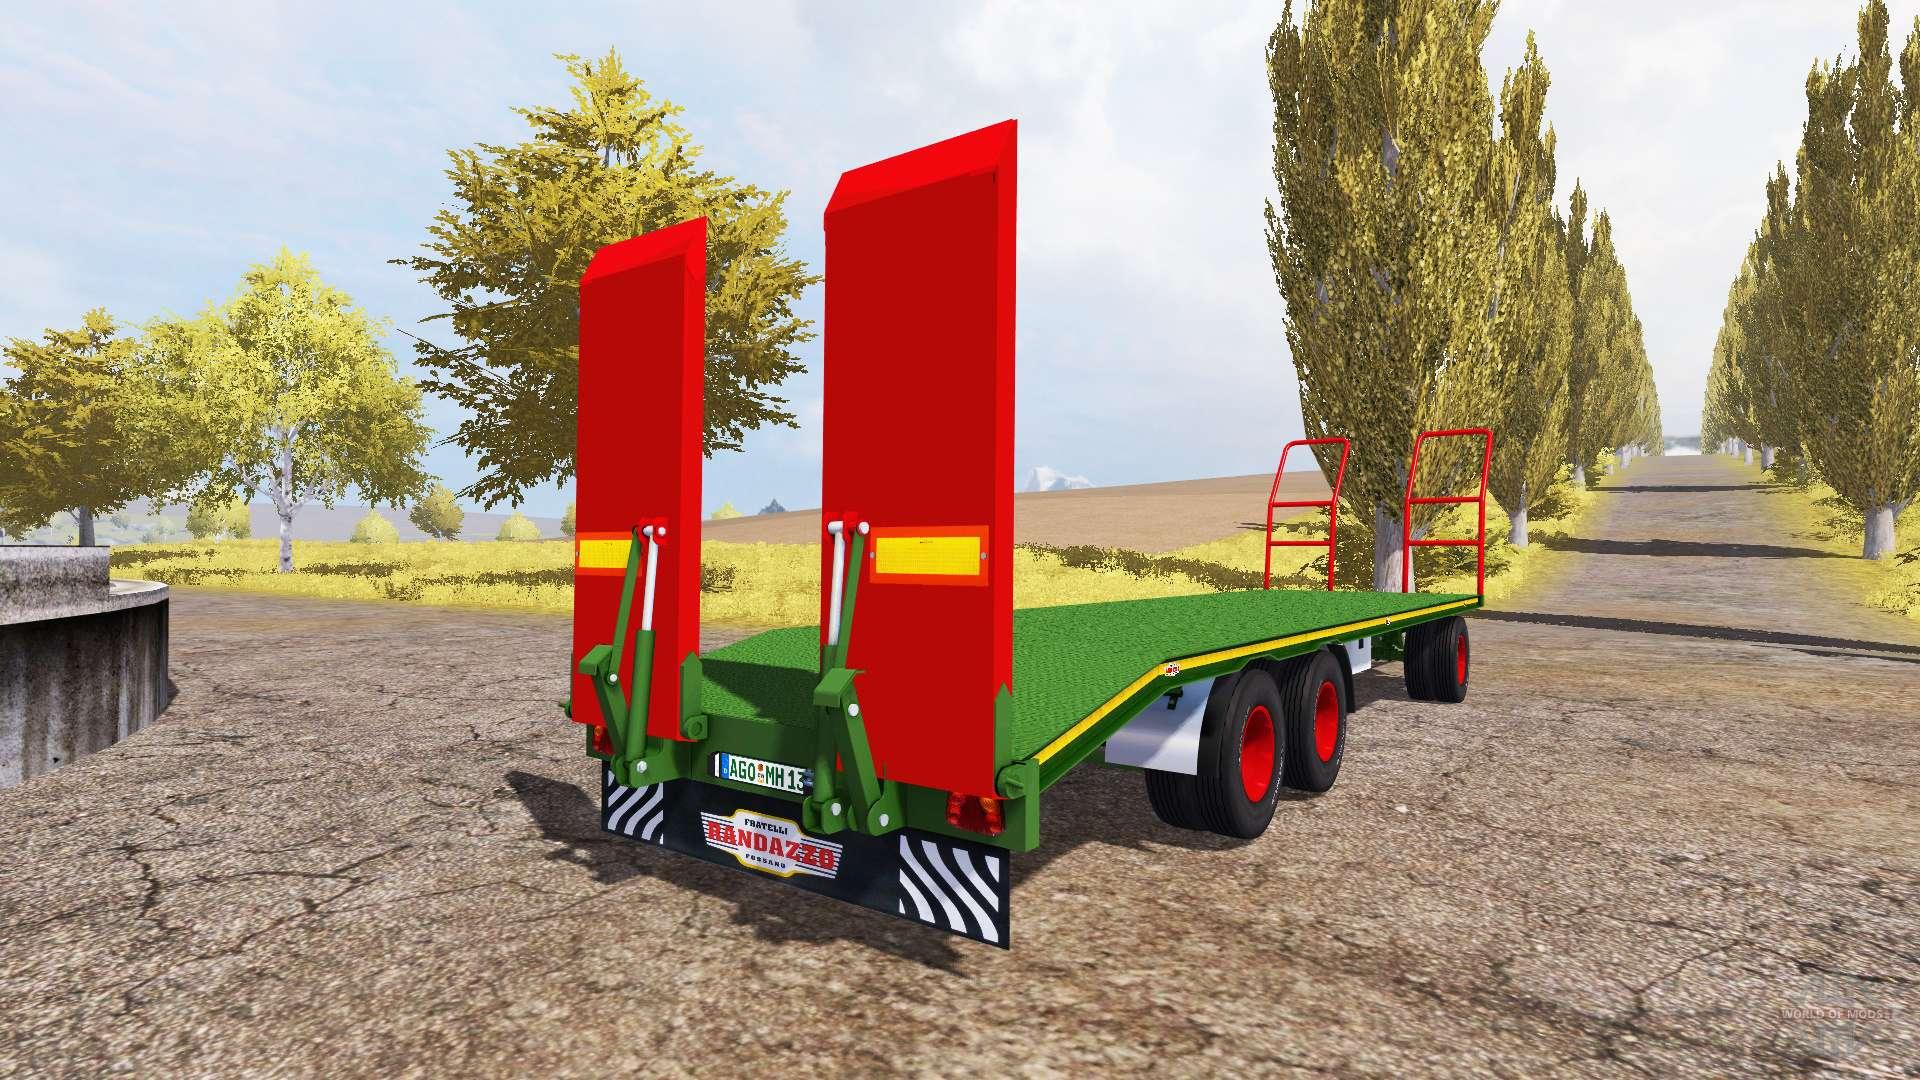 Rimorchi randazzo pa 97 i v1 3 for farming simulator 2013 for Rimorchi randazzo